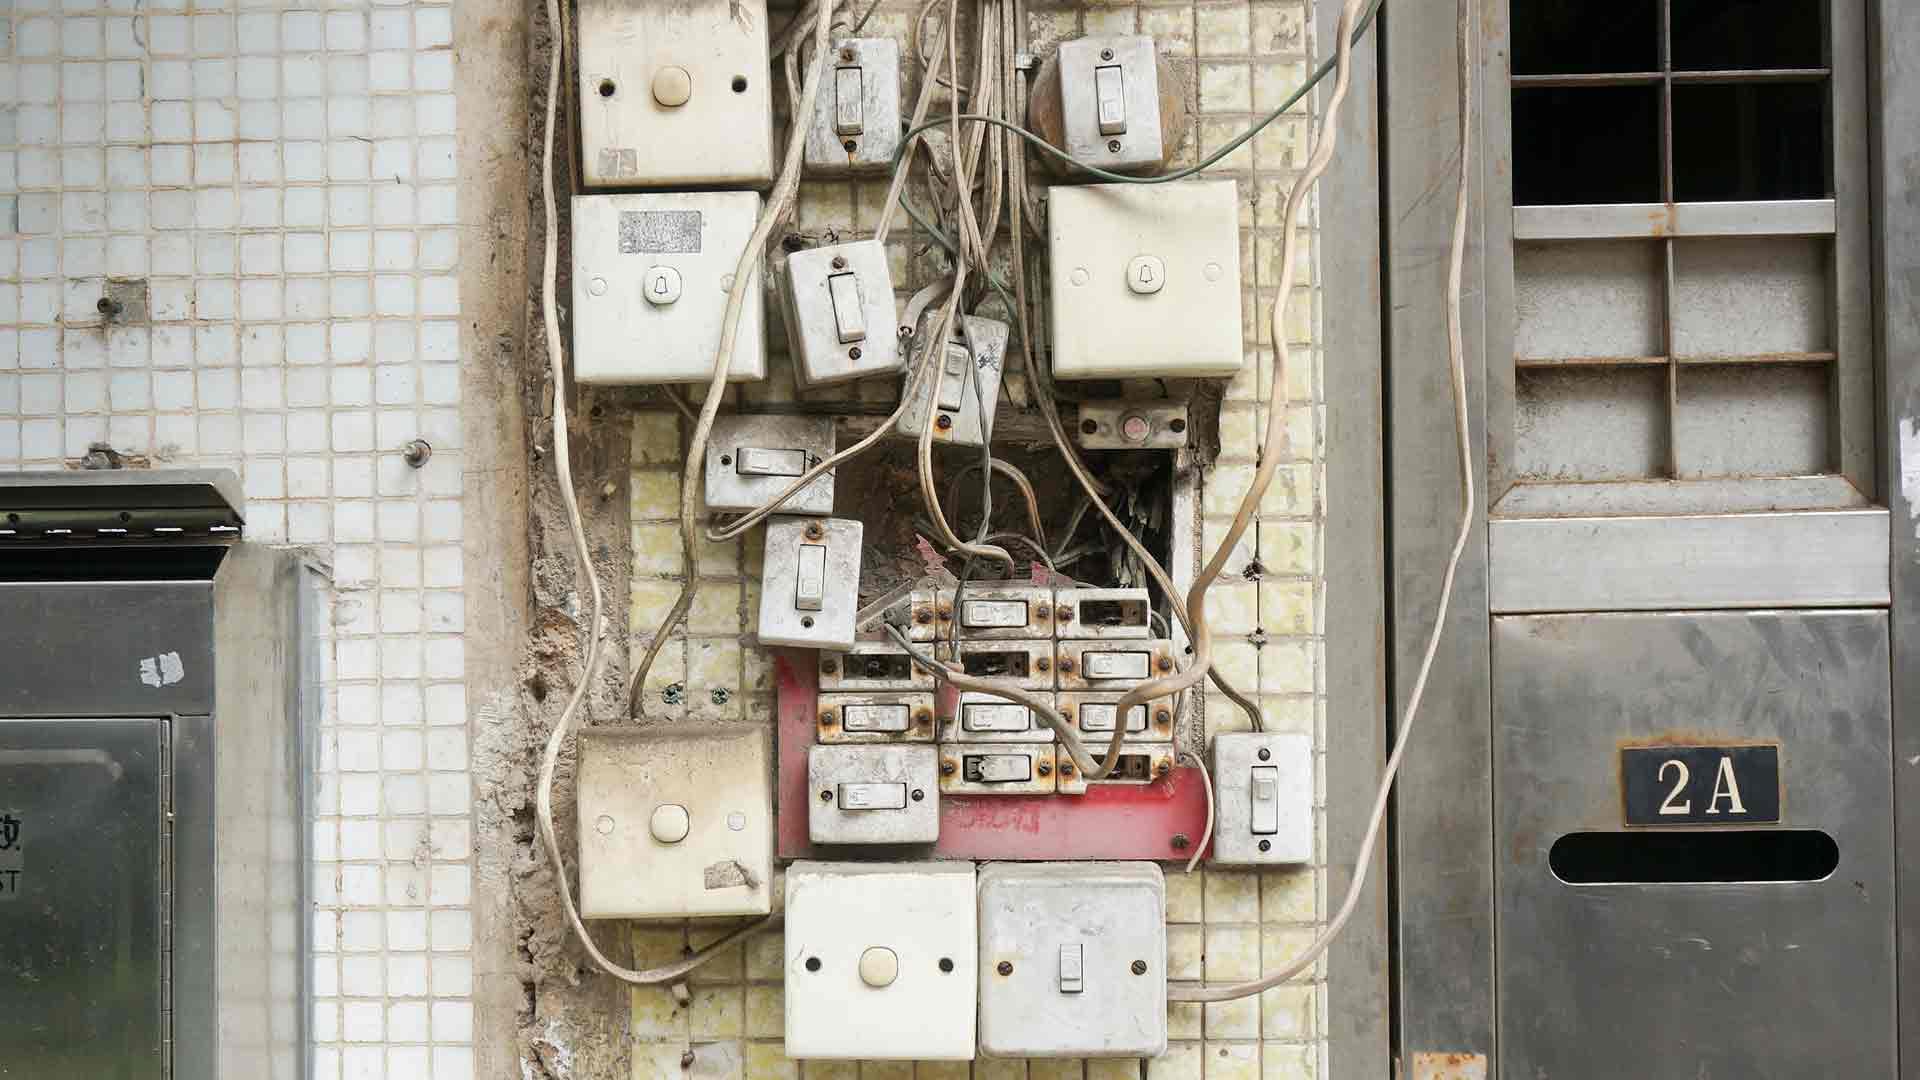 La-Xunta-de-Galicia-promueve-el-Plan-Renove-de-instalaciones-electricas-comunes-1920